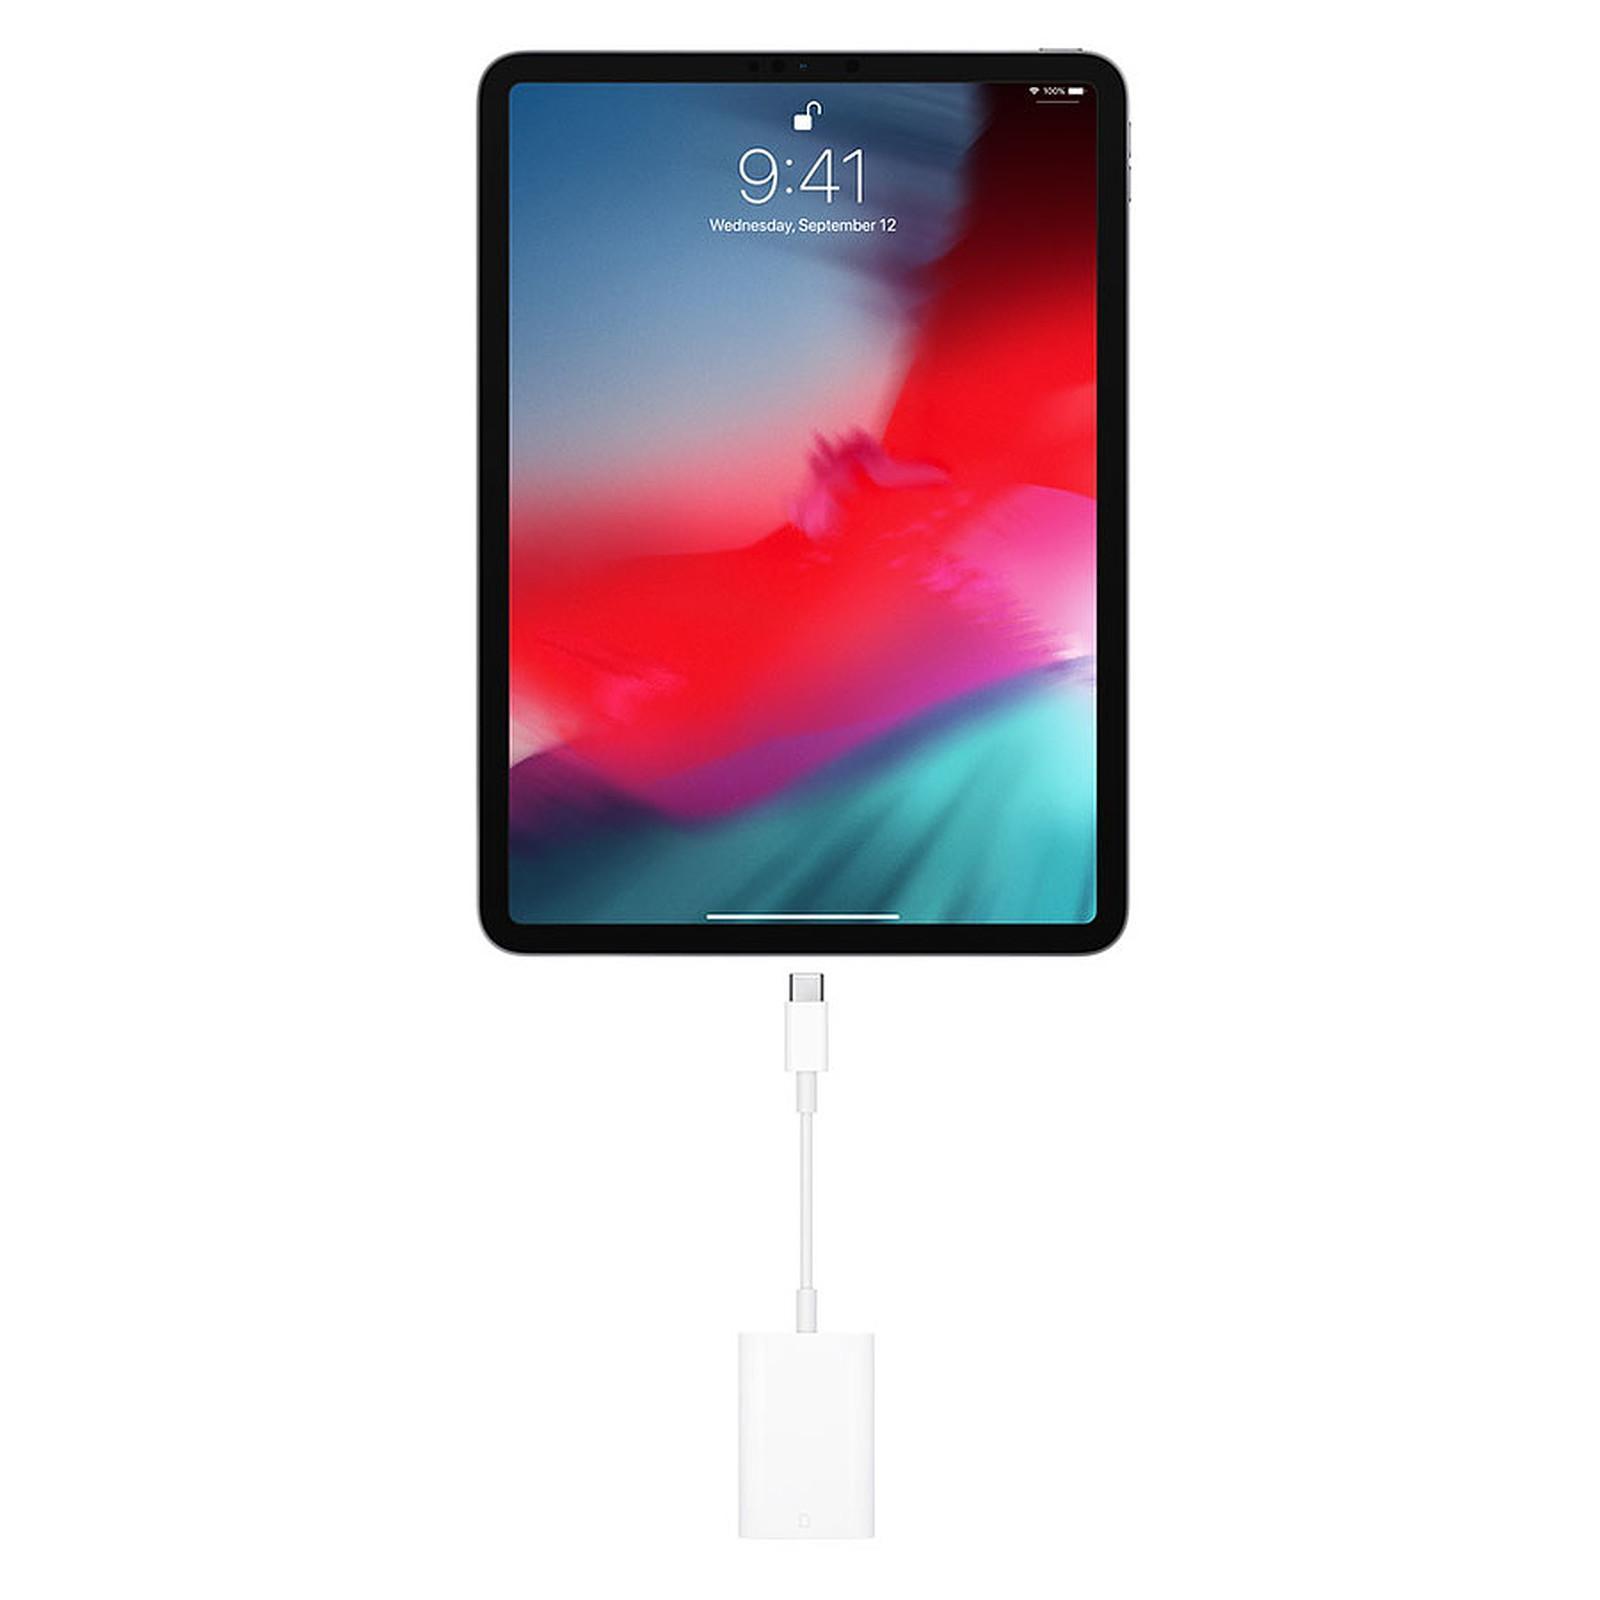 Apple Adaptateur Usb C Vers Lecteur Sd Blanc Accessoires Apple Apple Sur Ldlc Com